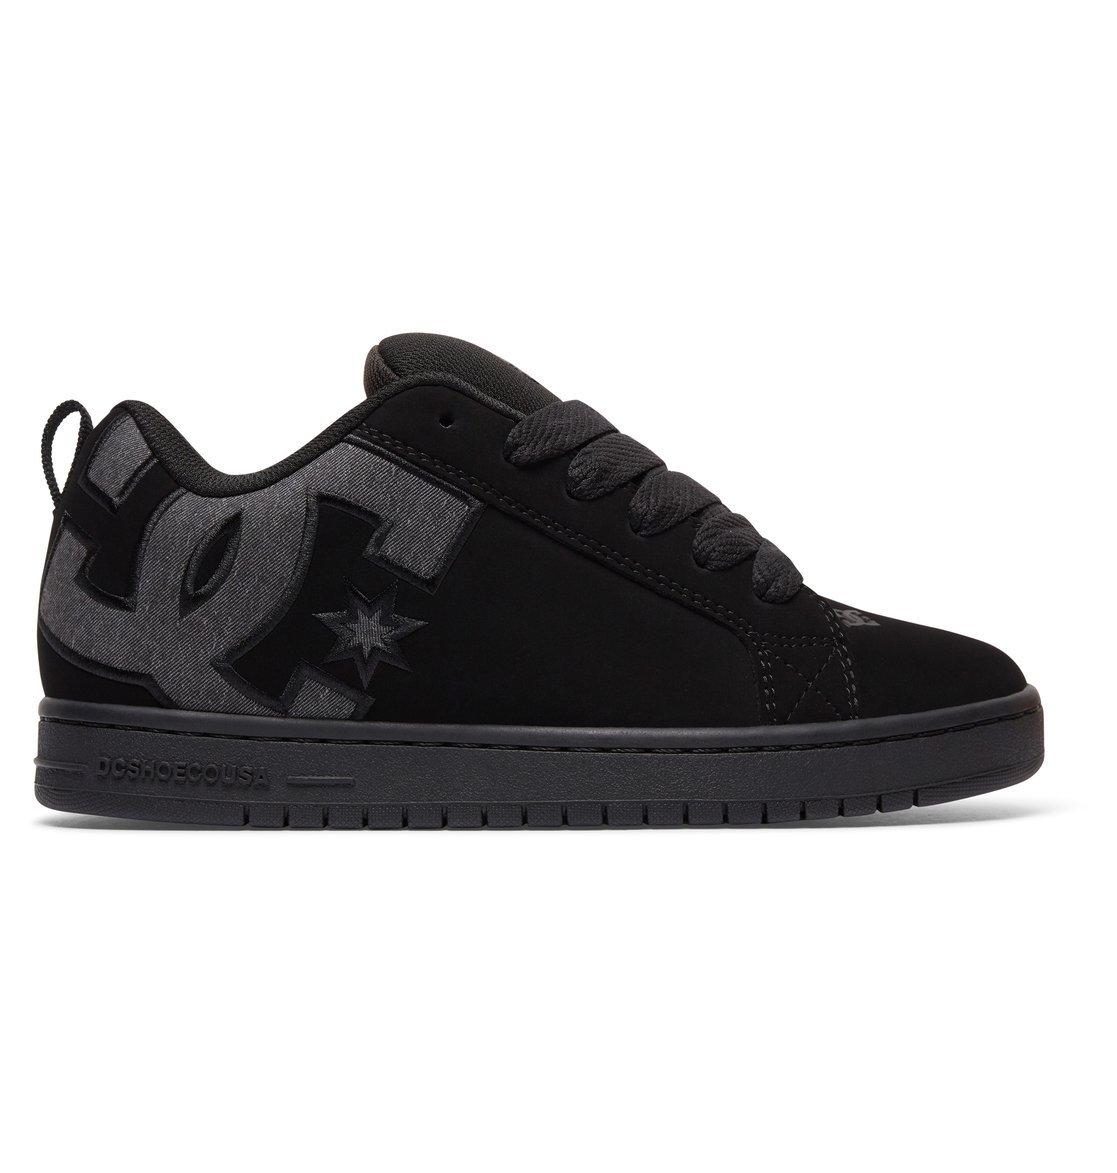 DC Men's Court Graffik SE Skate Shoe,Black Destroy Wash,12 D US